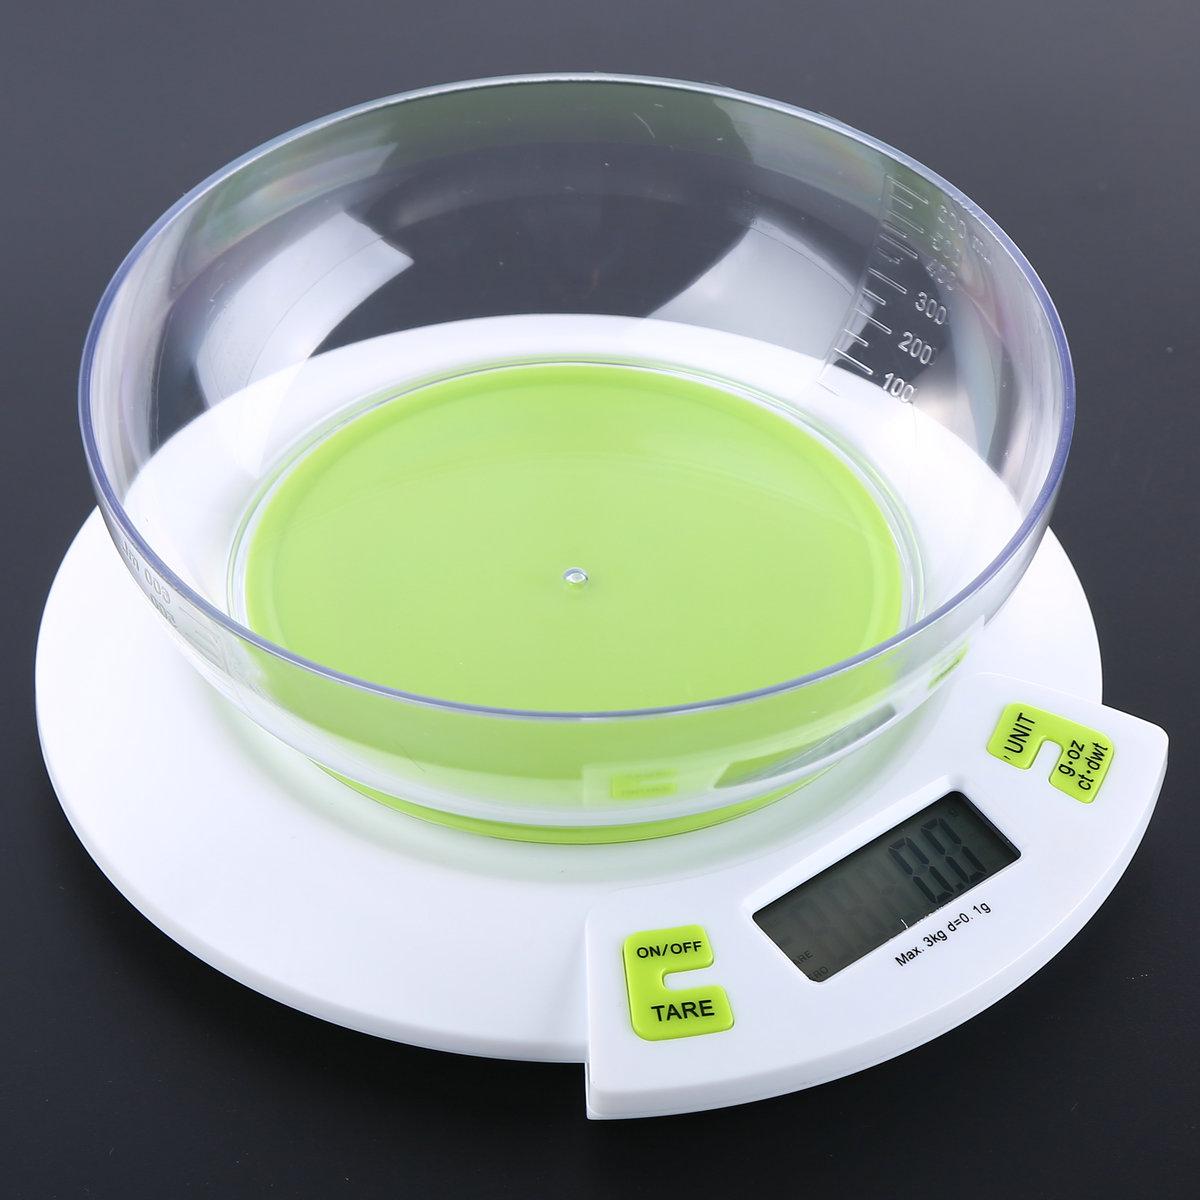 高精度家用厨房秤电子天平秤 0.1g克称蛋糕食物烘培秤中药材称1g